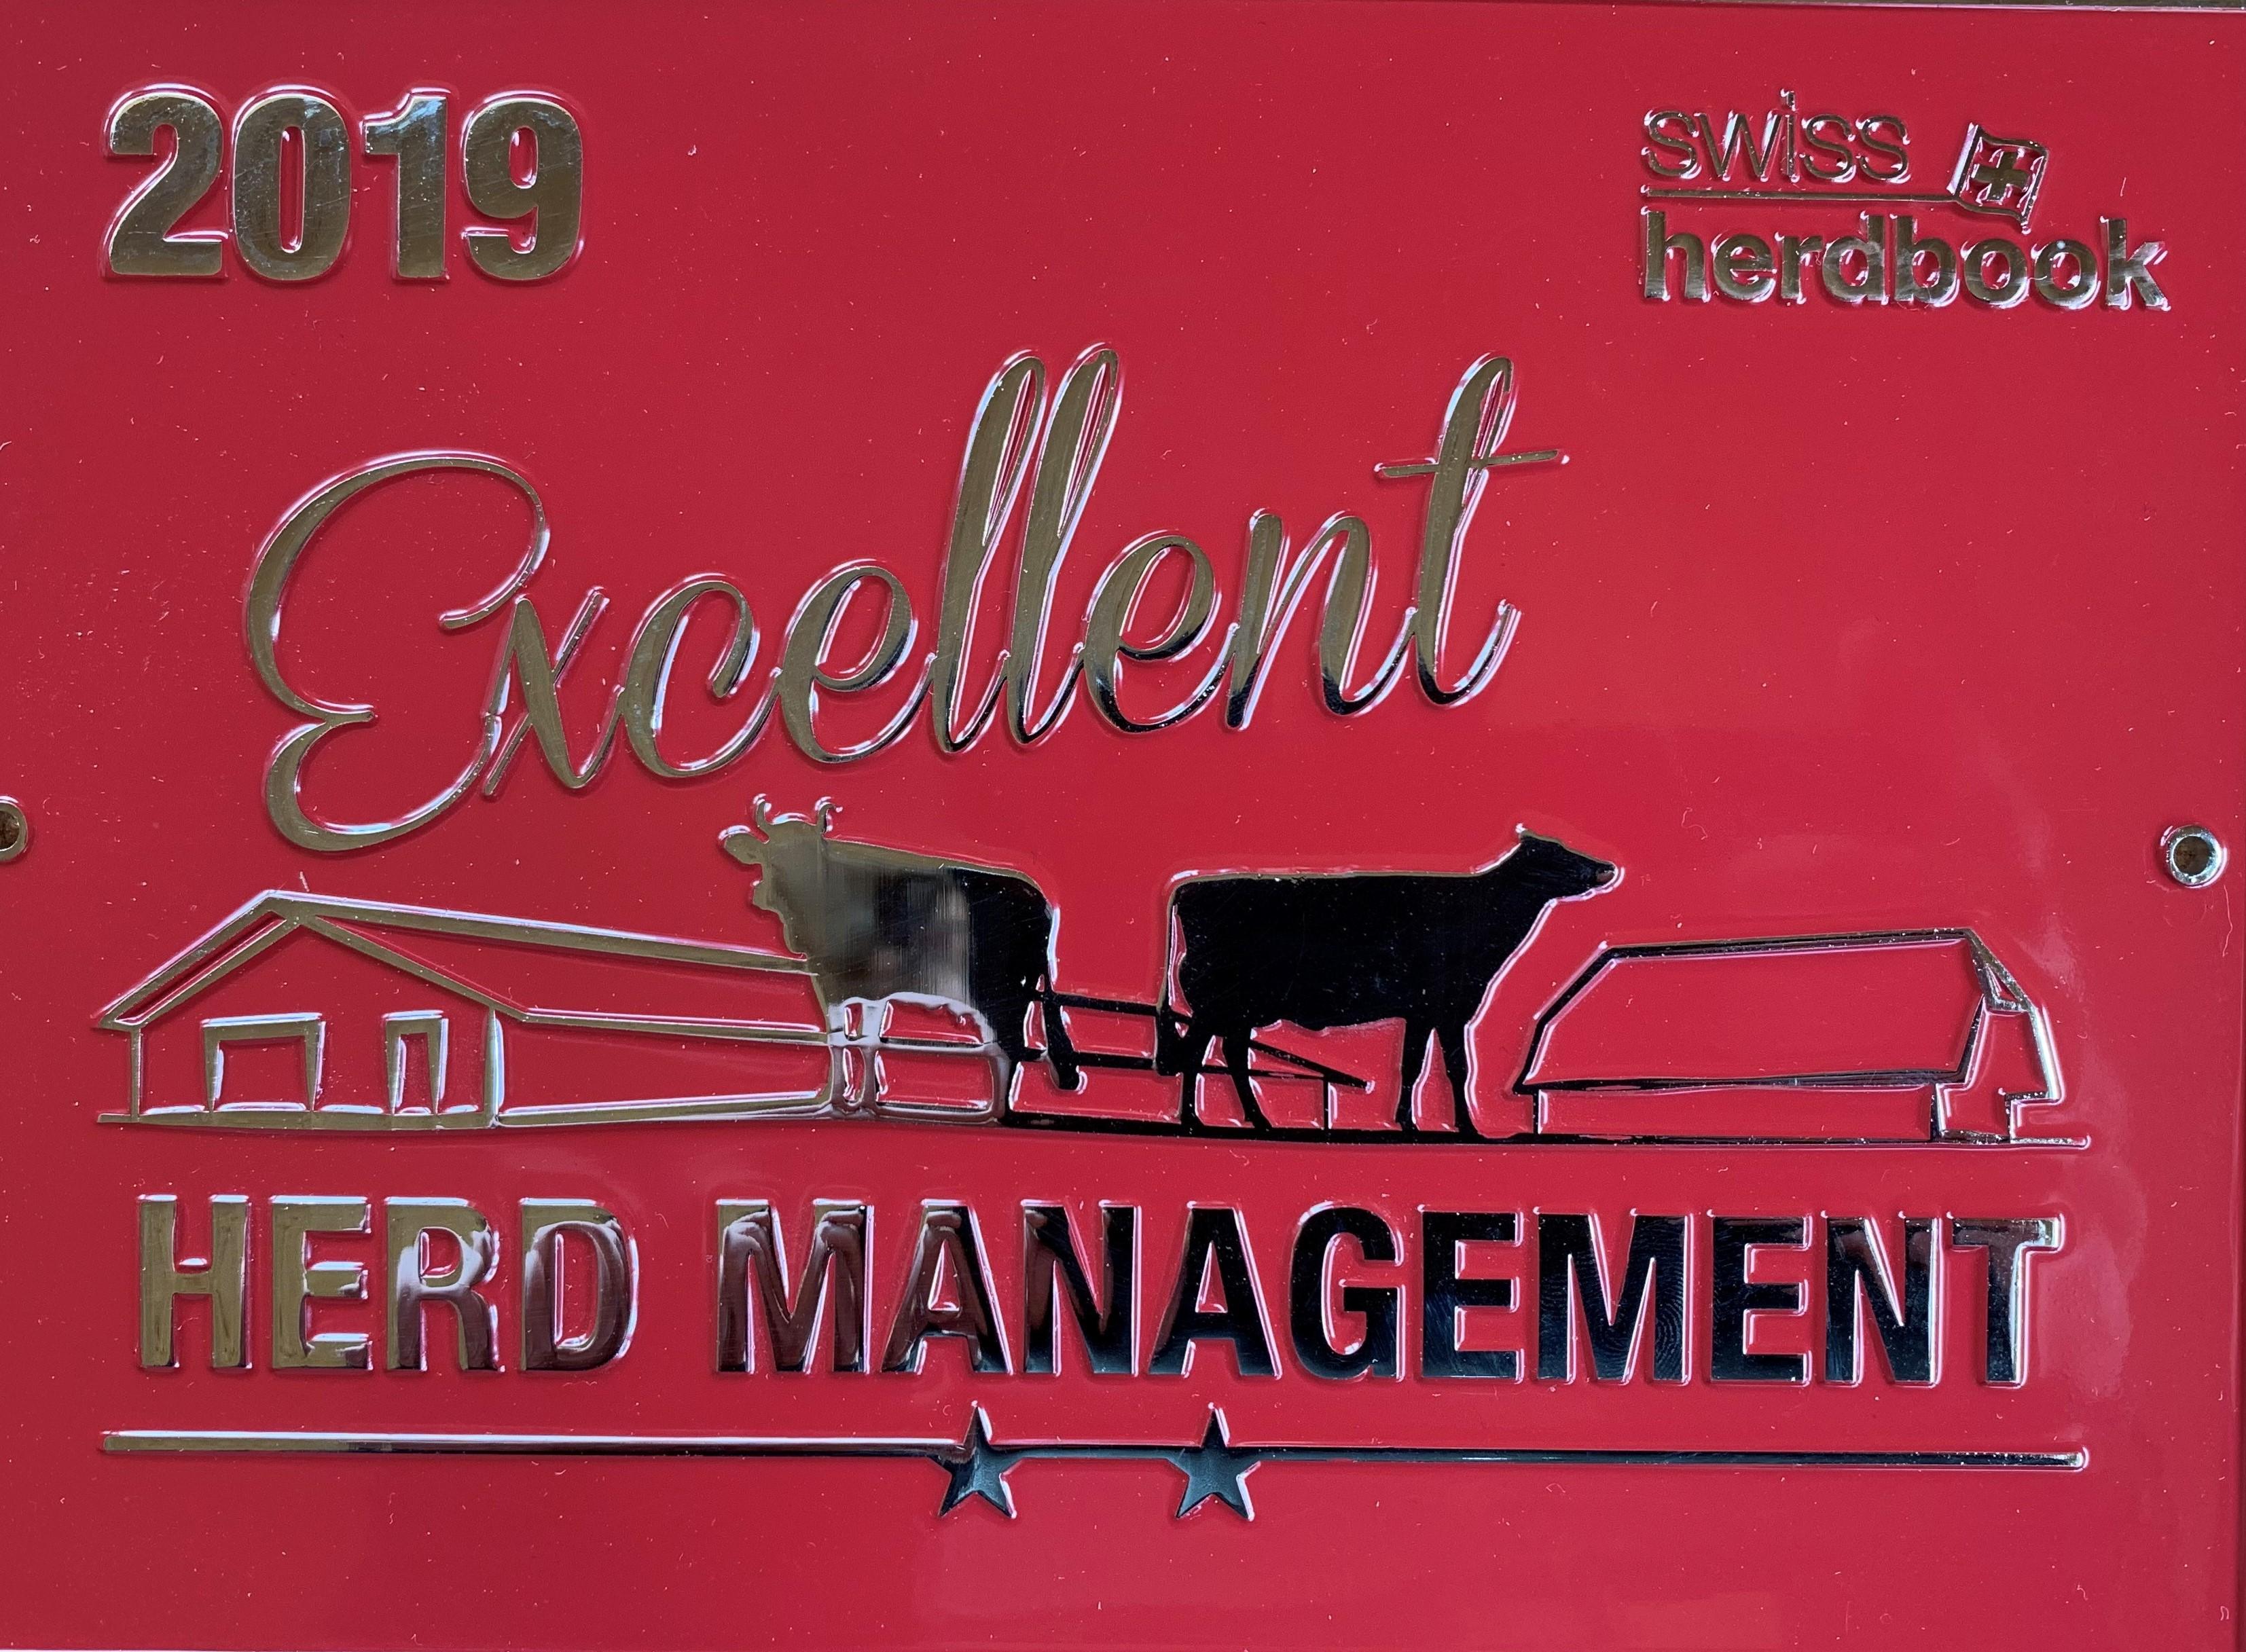 Excellent herd management 2019